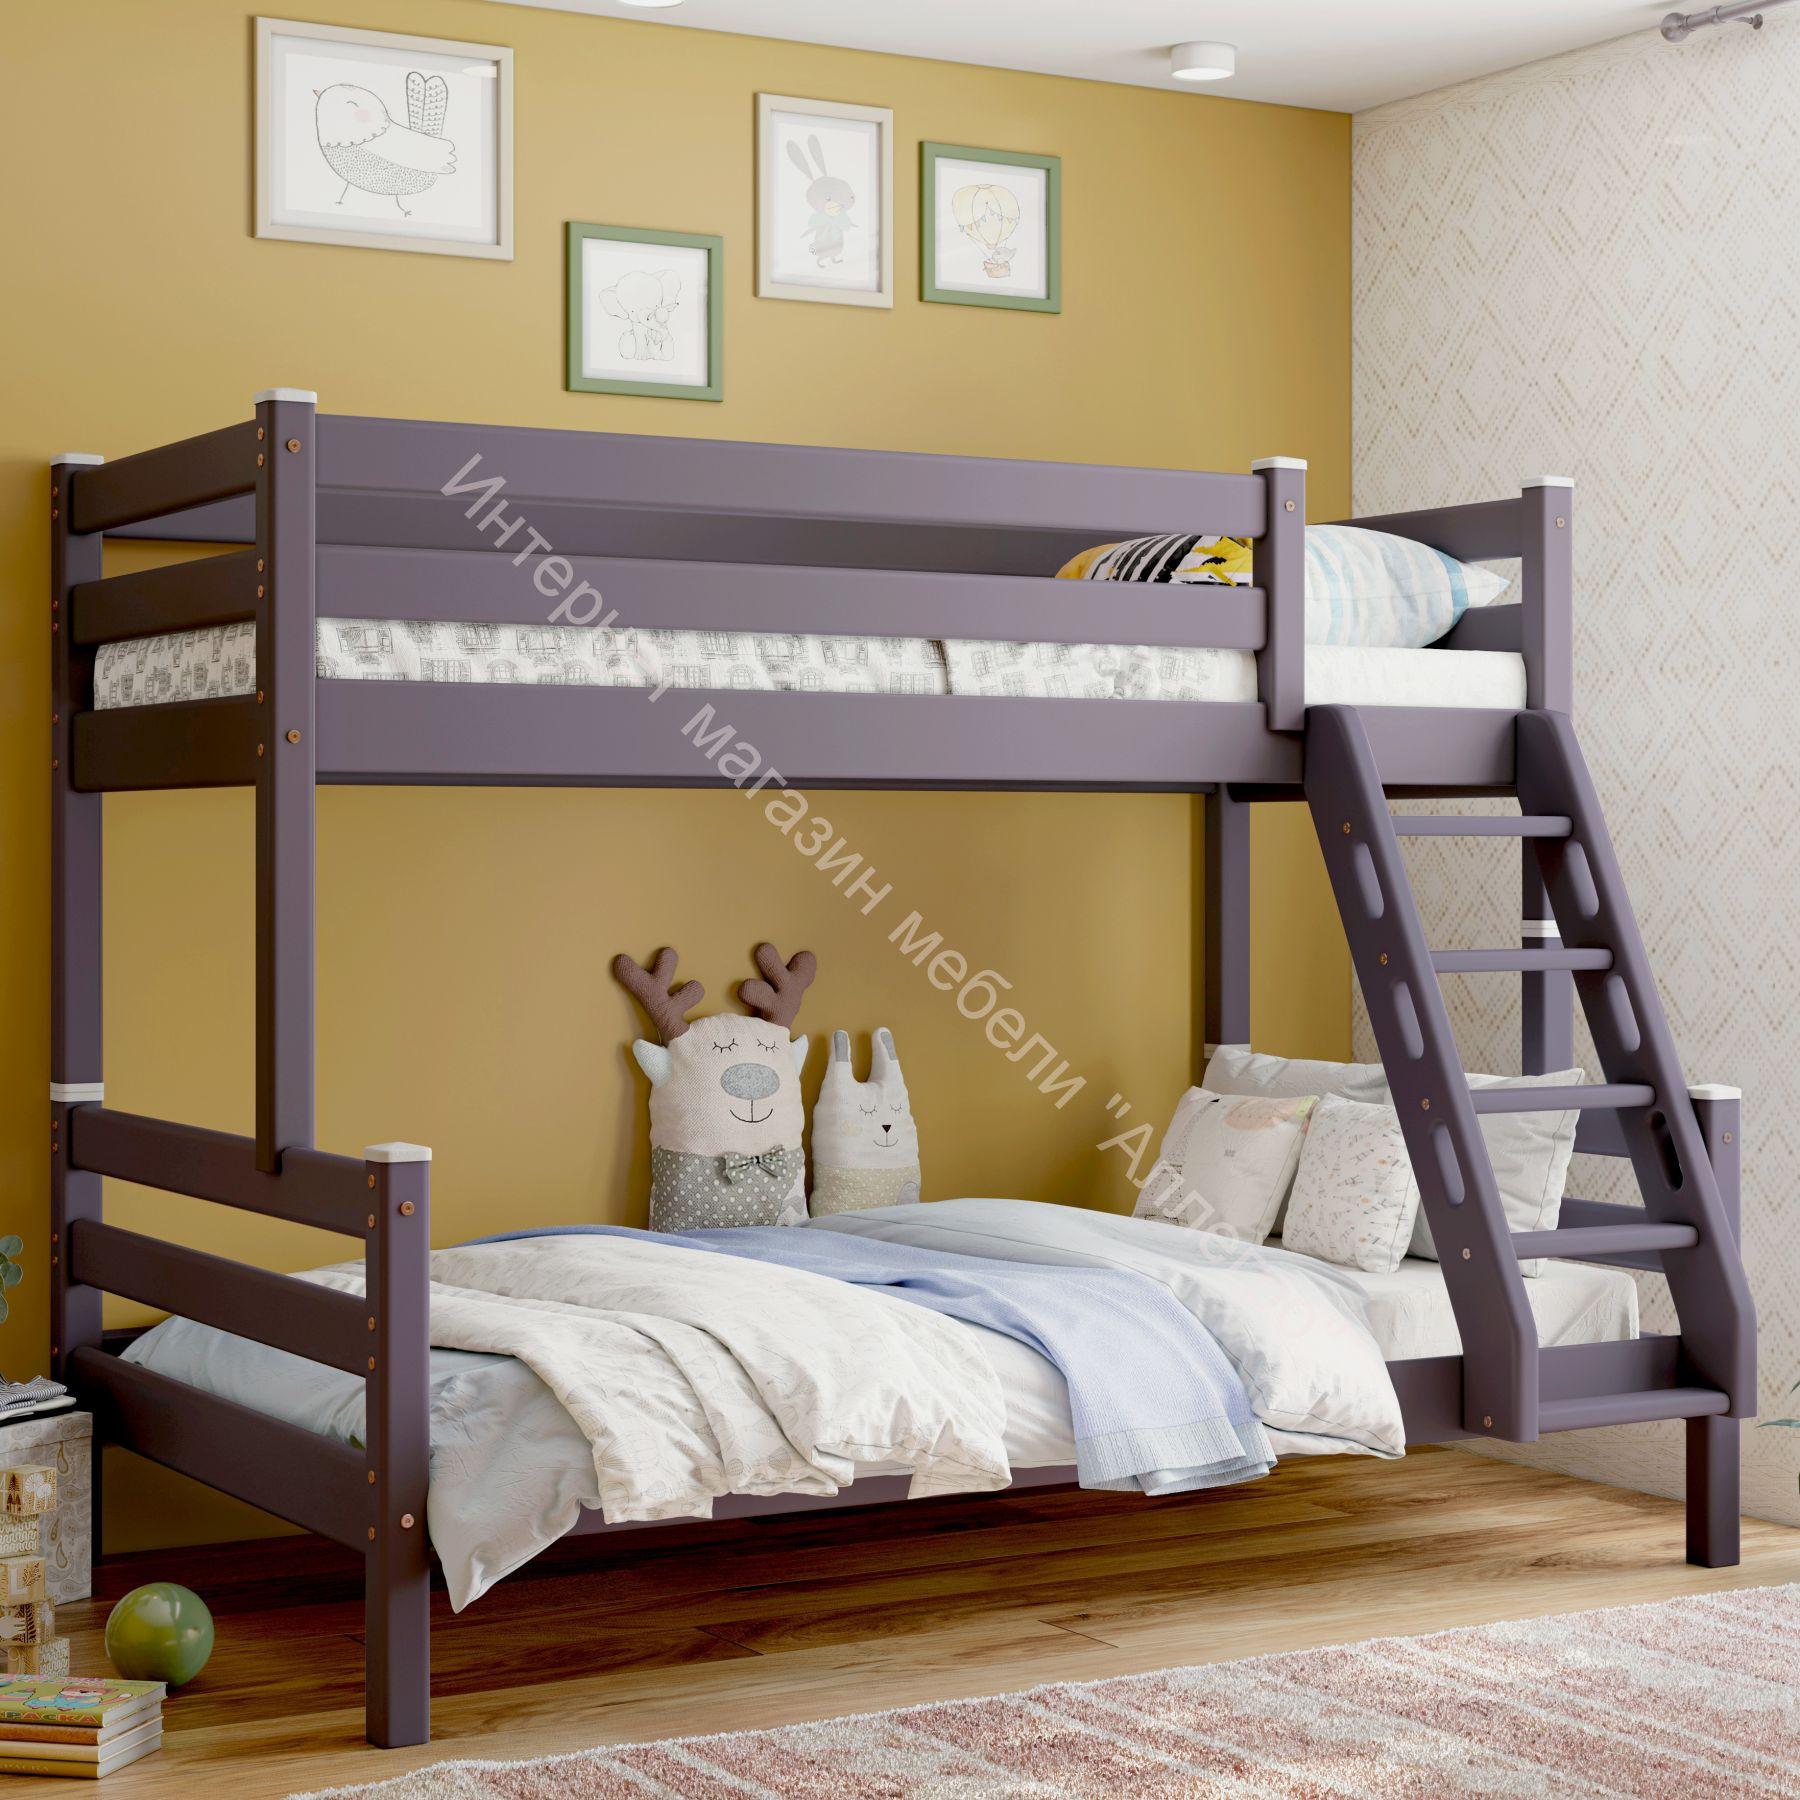 """Кровать двухъярусная с наклонной лестницей """"Адель"""" Лаванда"""